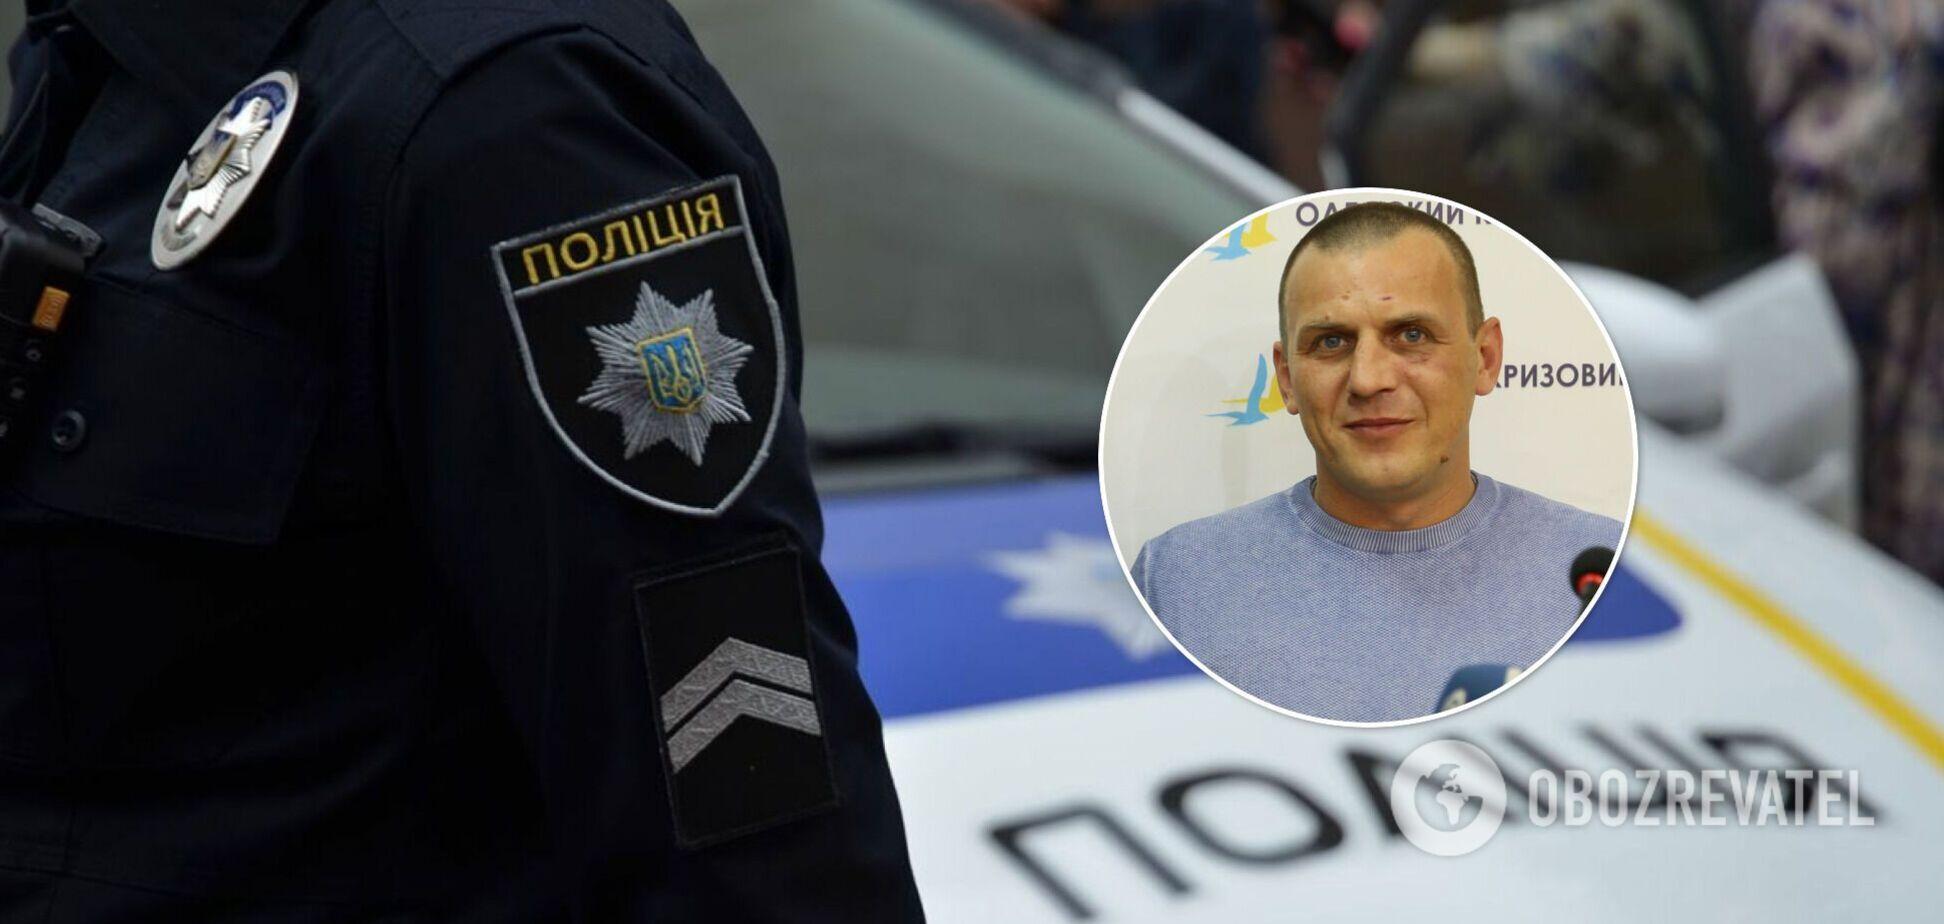 В Одессе одиозного активиста заподозрили в вымогательстве– СМИ